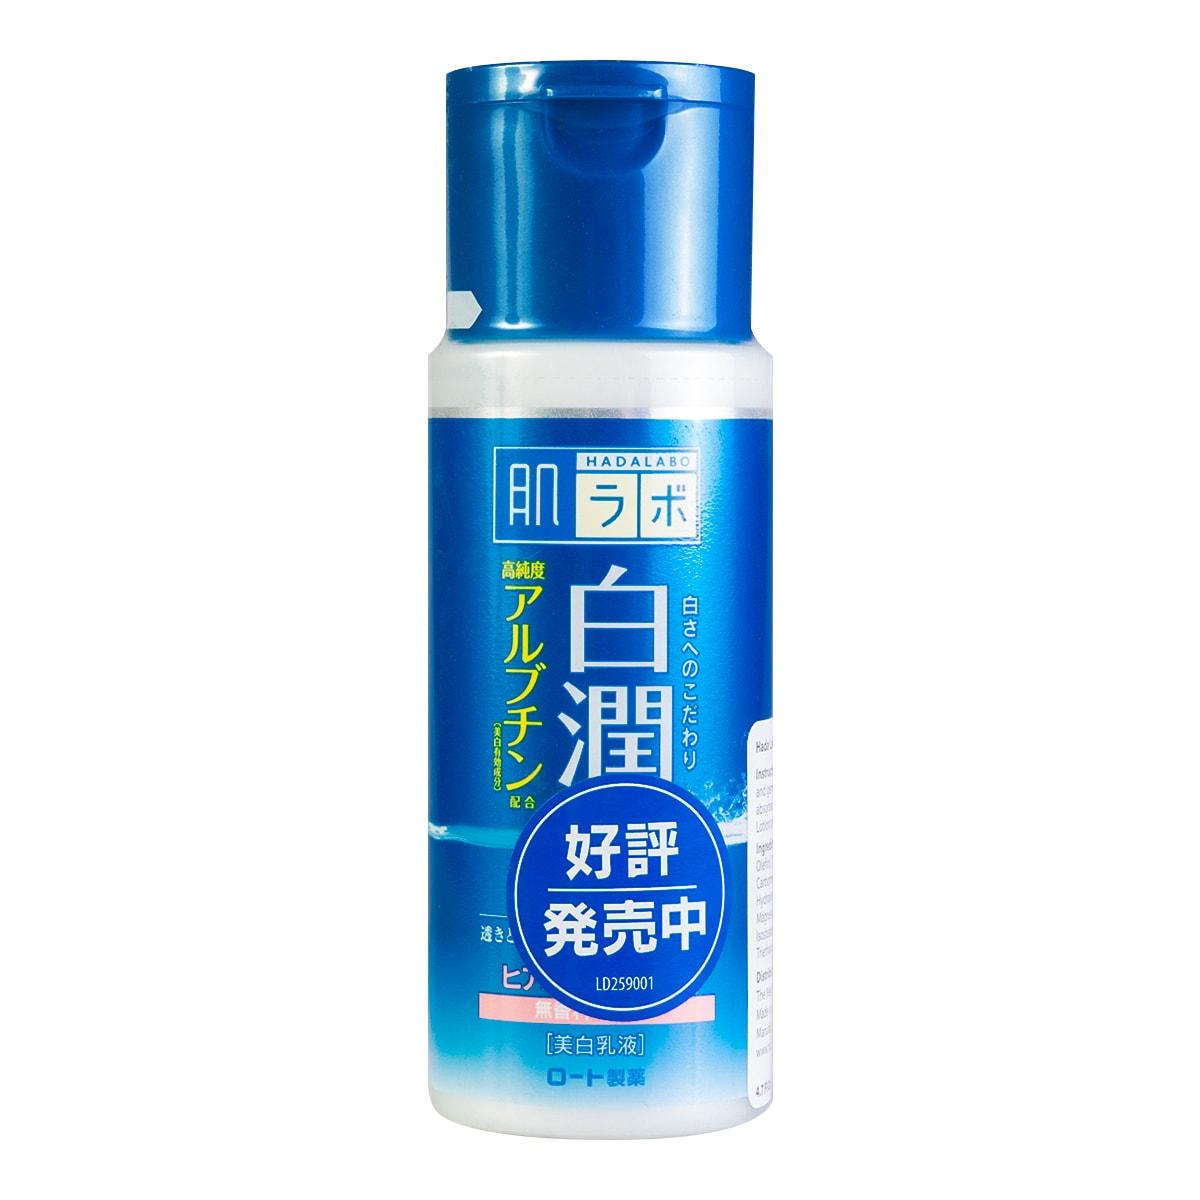 日本ROHTO乐敦 肌研 白润玻尿酸美白保湿乳液 140ml